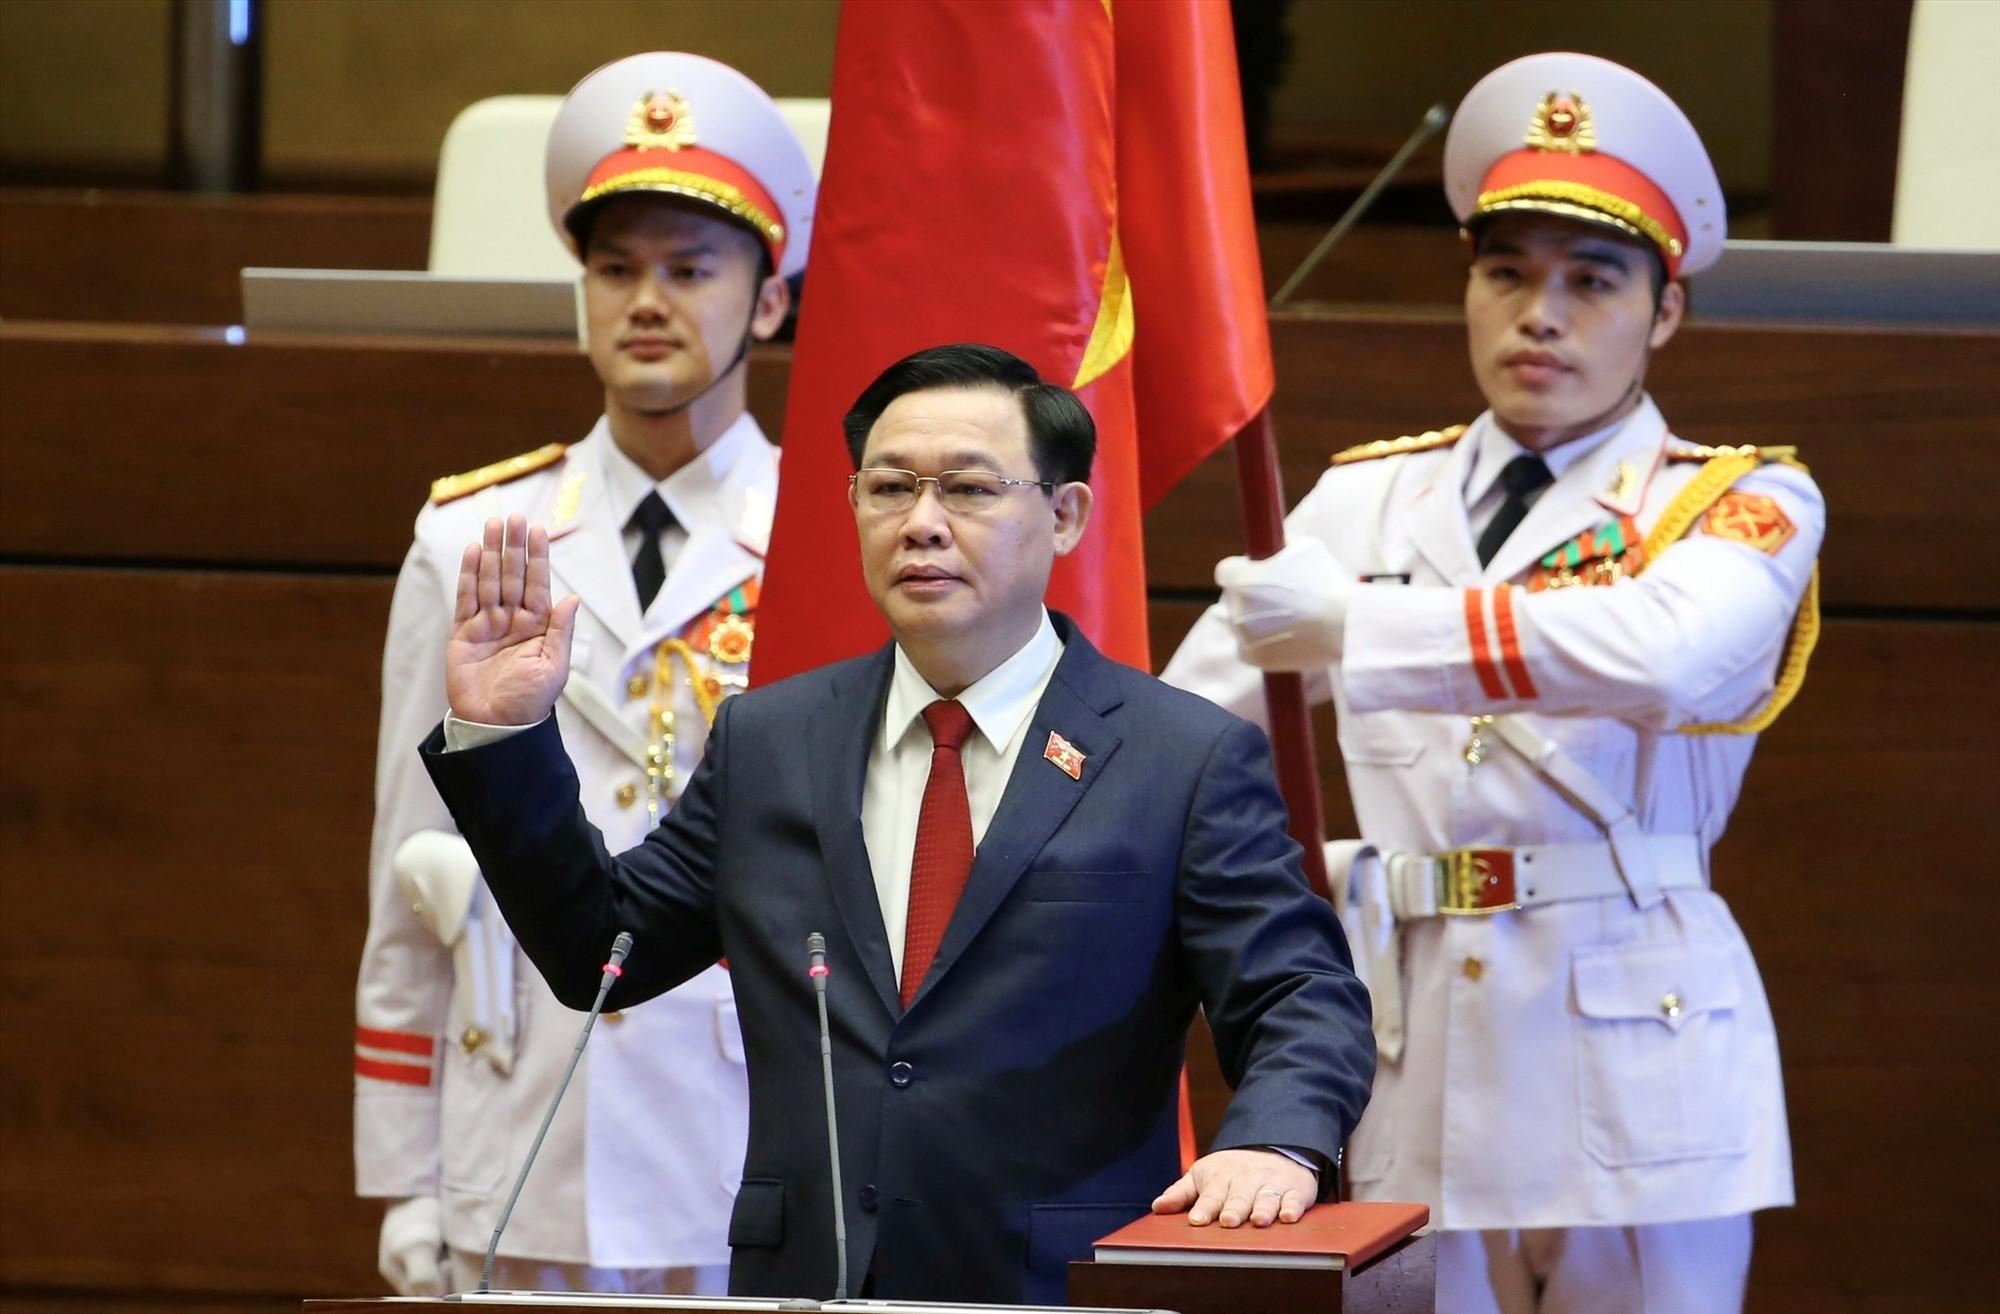 Tân Chủ tịch Quốc hội Vương Đình Huệ tuyên thệ nhậm chức. Ảnh: VGP